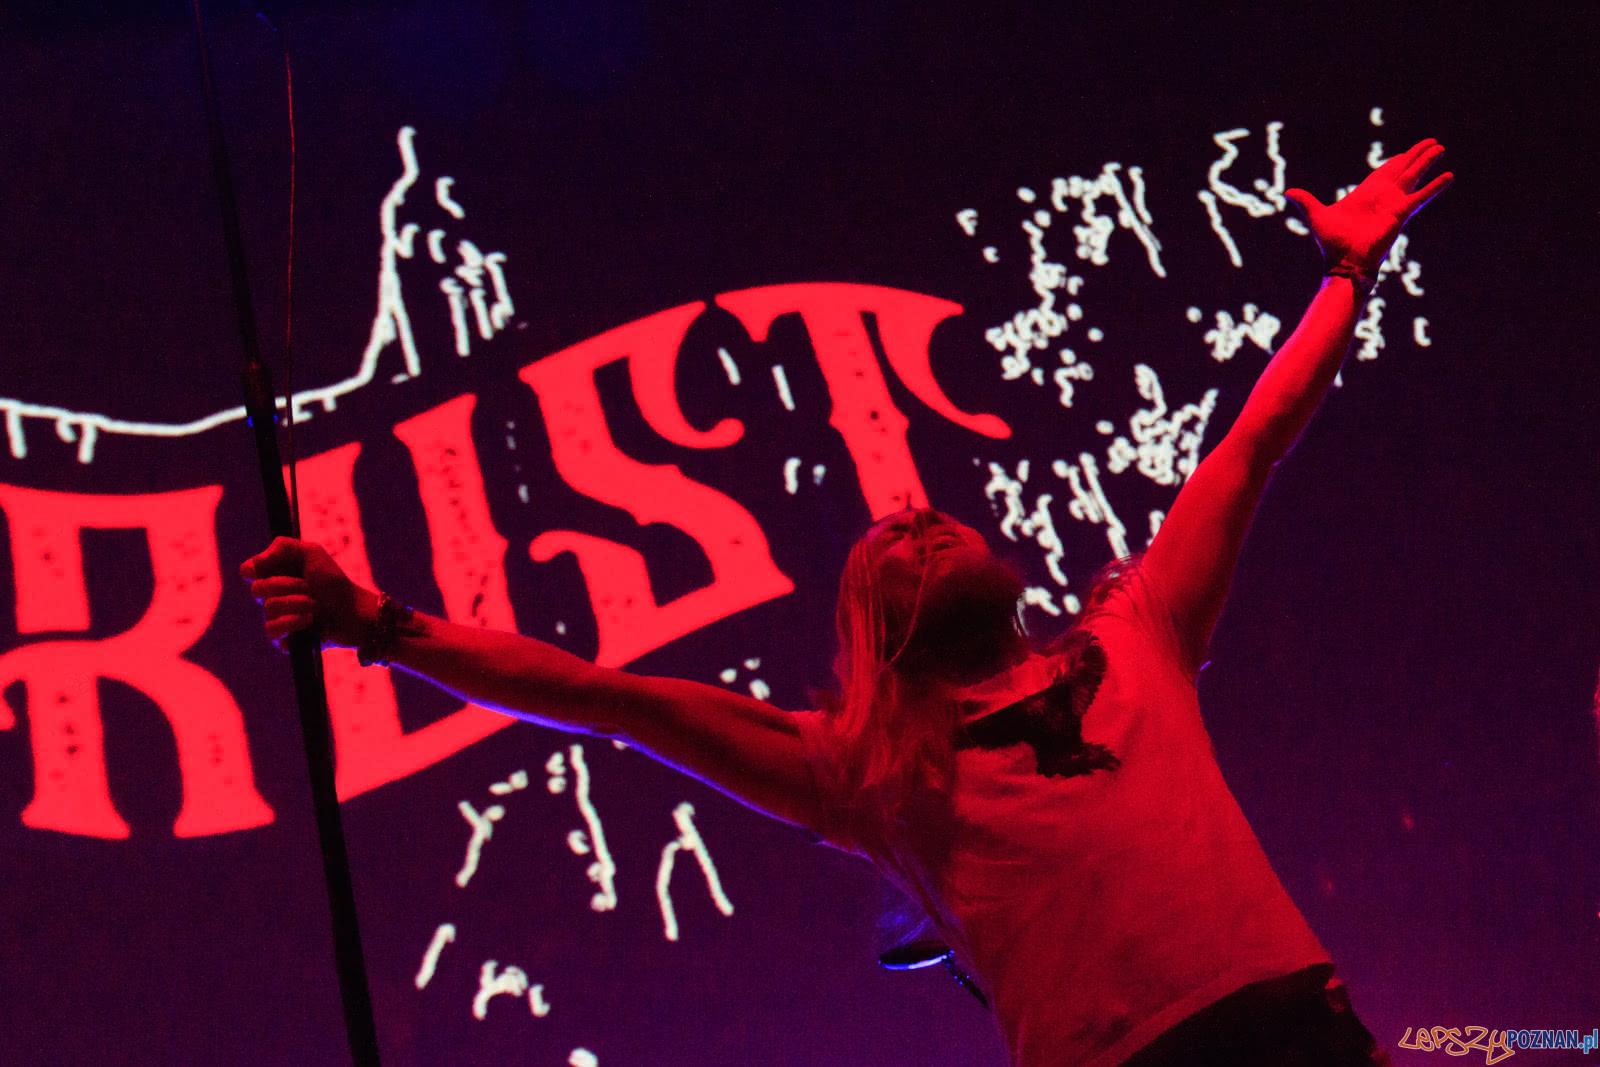 """Gramy u Siebie! - premiera płyty RusT """"Night Will Fall"""" + gośc  Foto: lepszyPOZNAN.pl / Ewelina Jaśkowiak"""